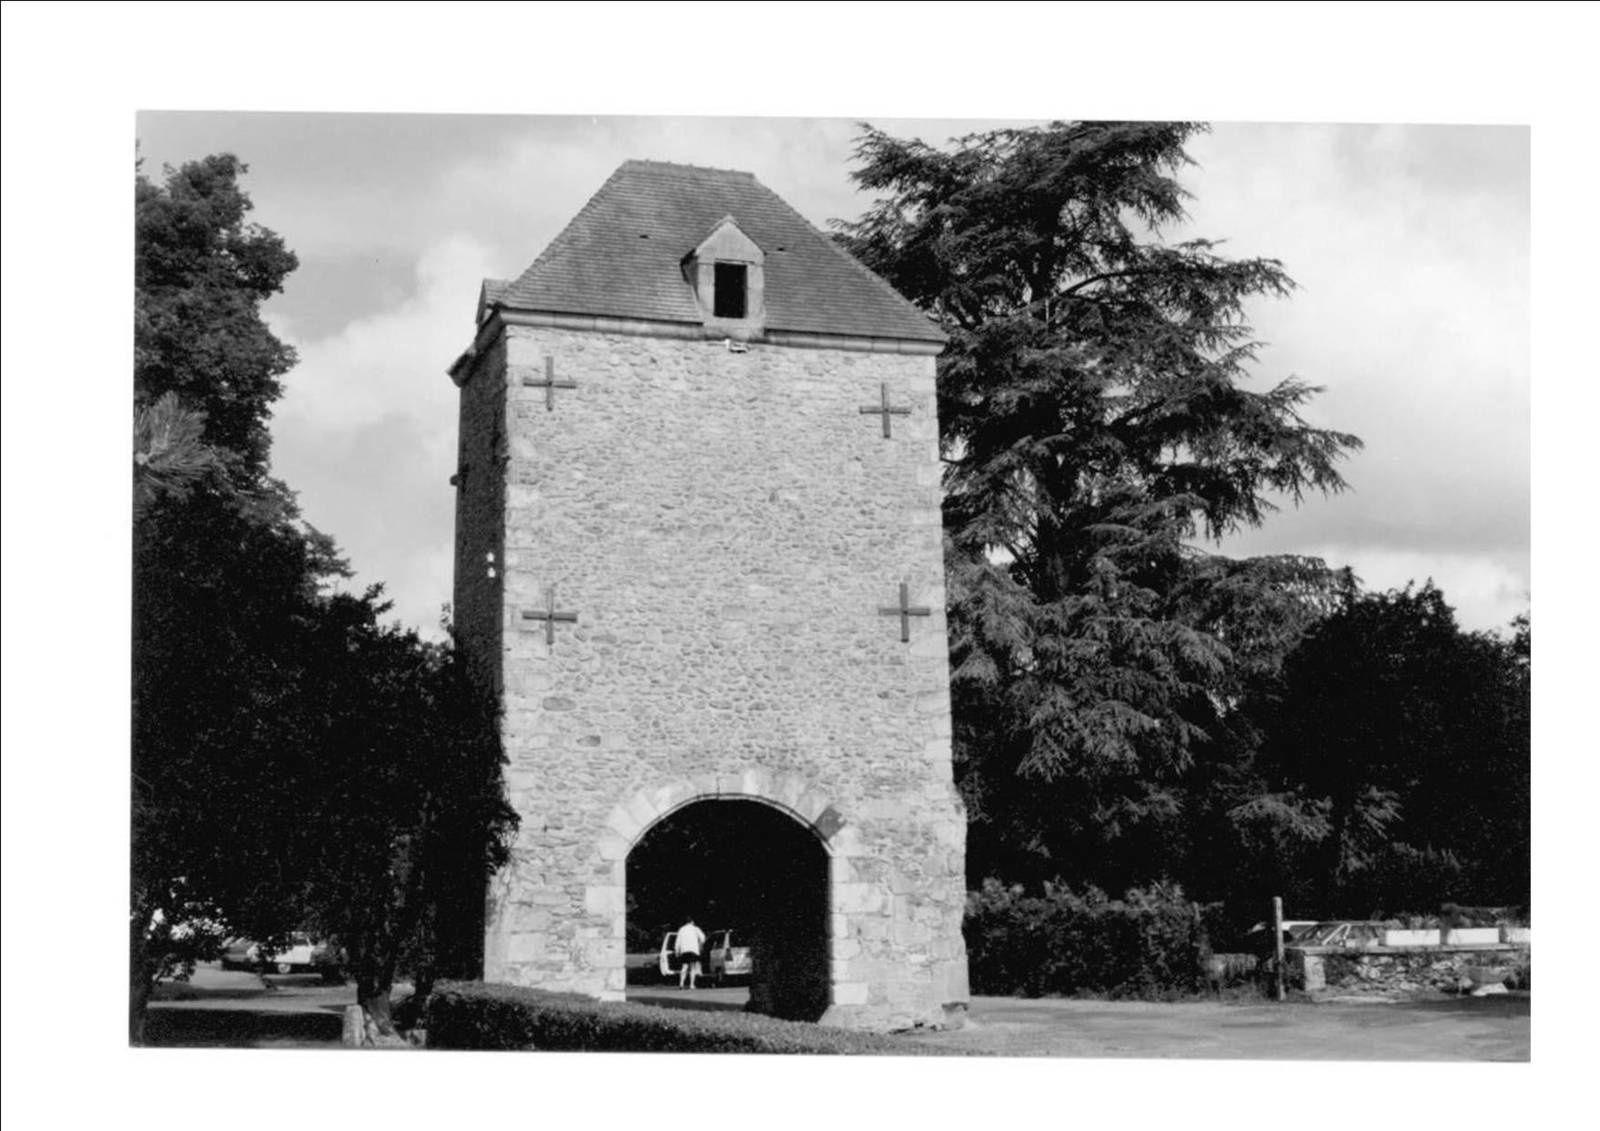 La quatrième dimension vierzonnaise : une perspective gâchée sur le château de la Noue